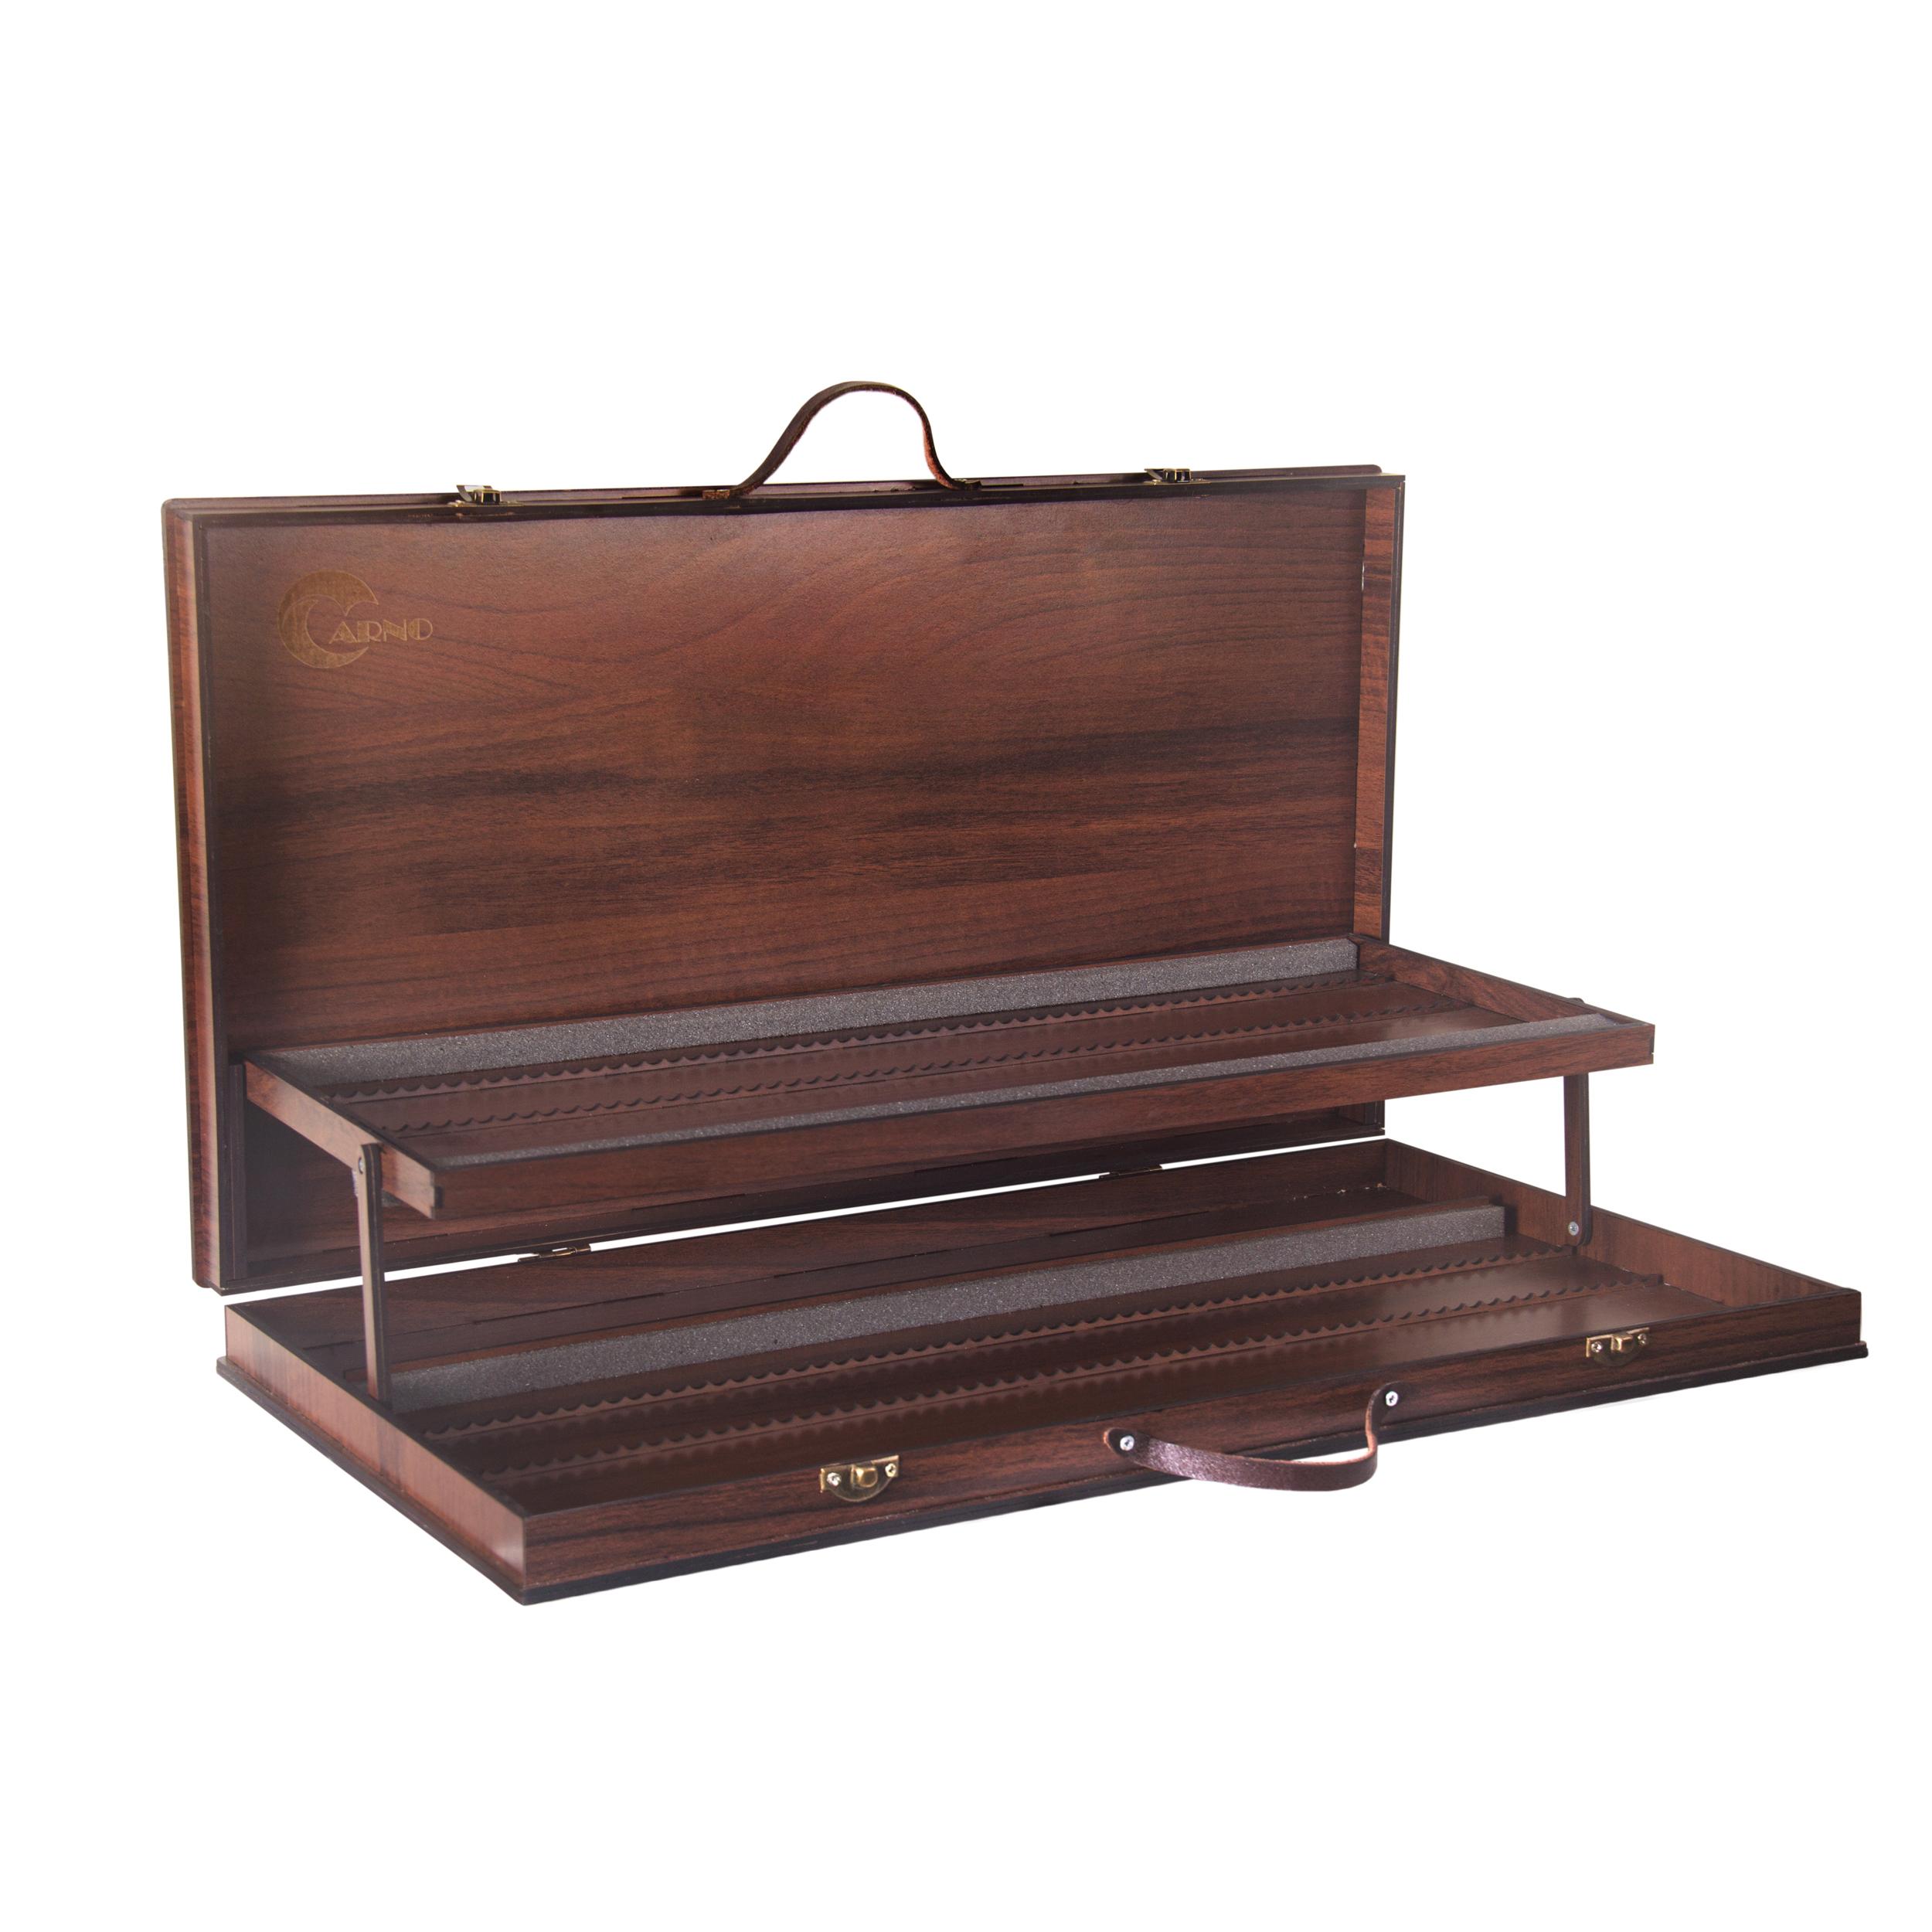 جعبه مدادرنگی کارنو مدل CSS 001